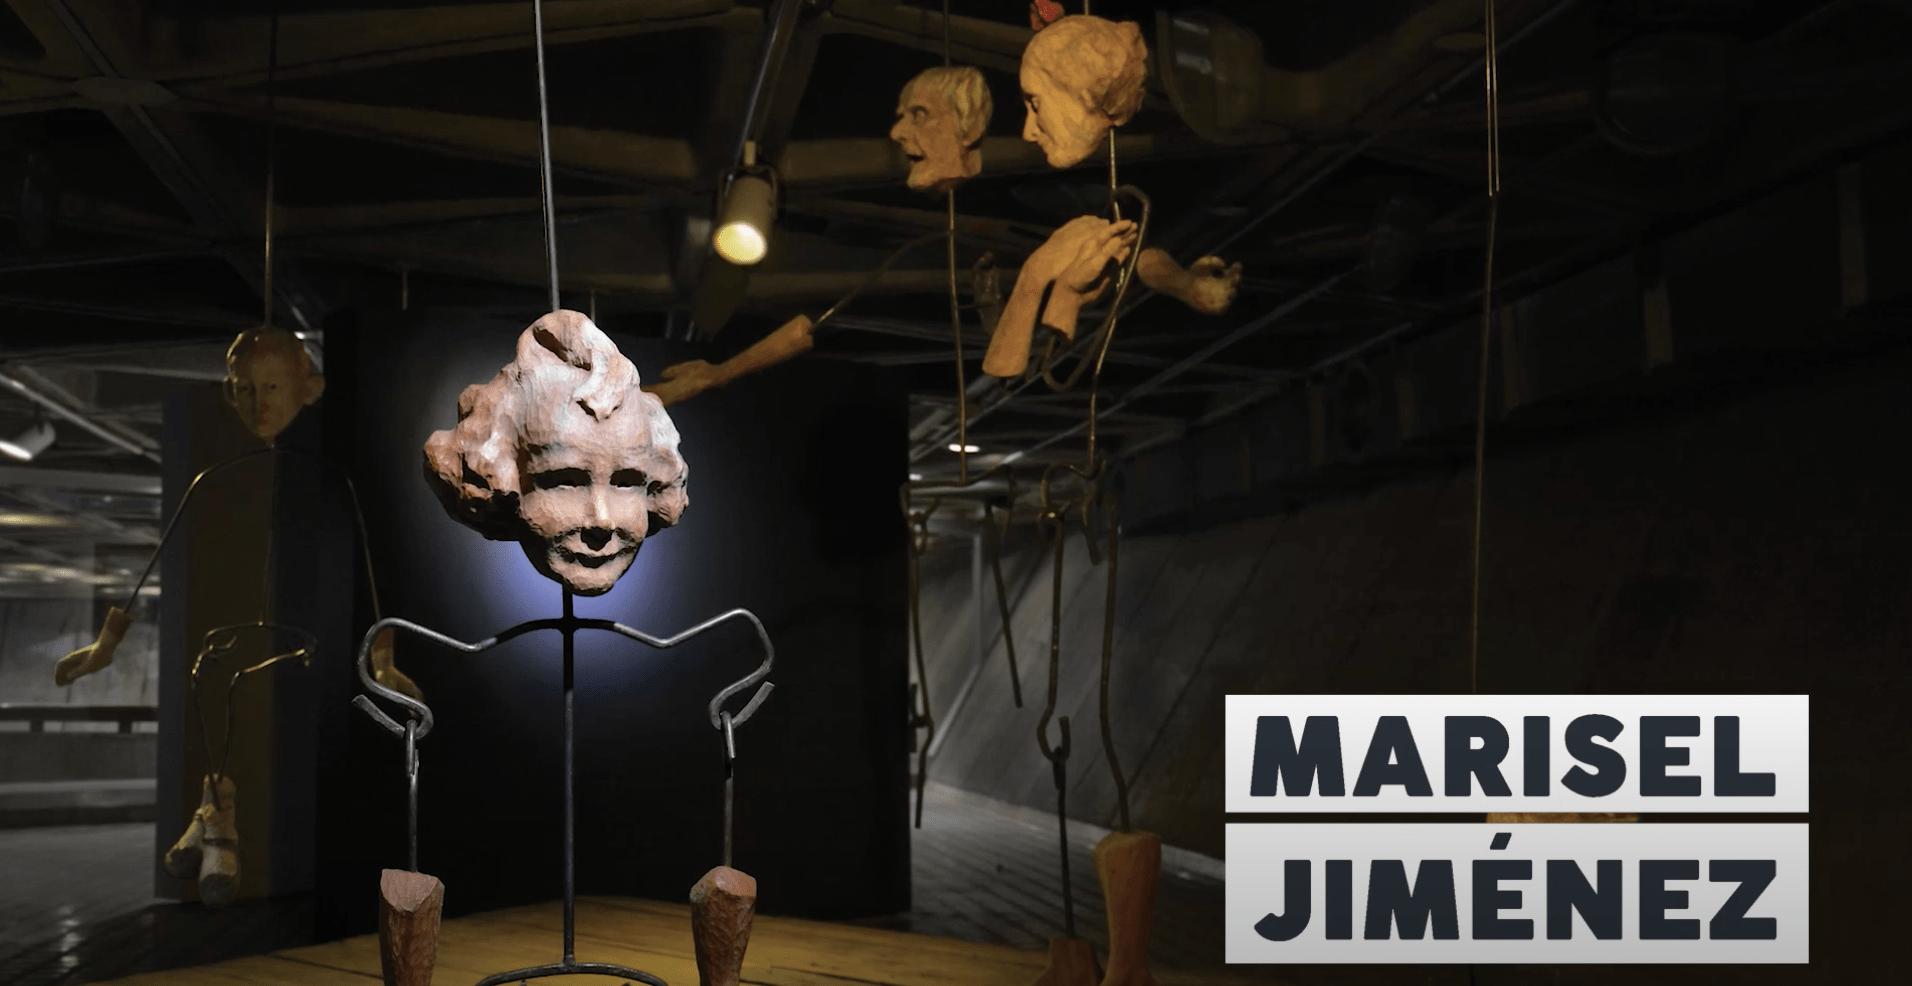 Exhibición Reimaginar la Comunidad- Entrevista a la artista Marisel Jiménez